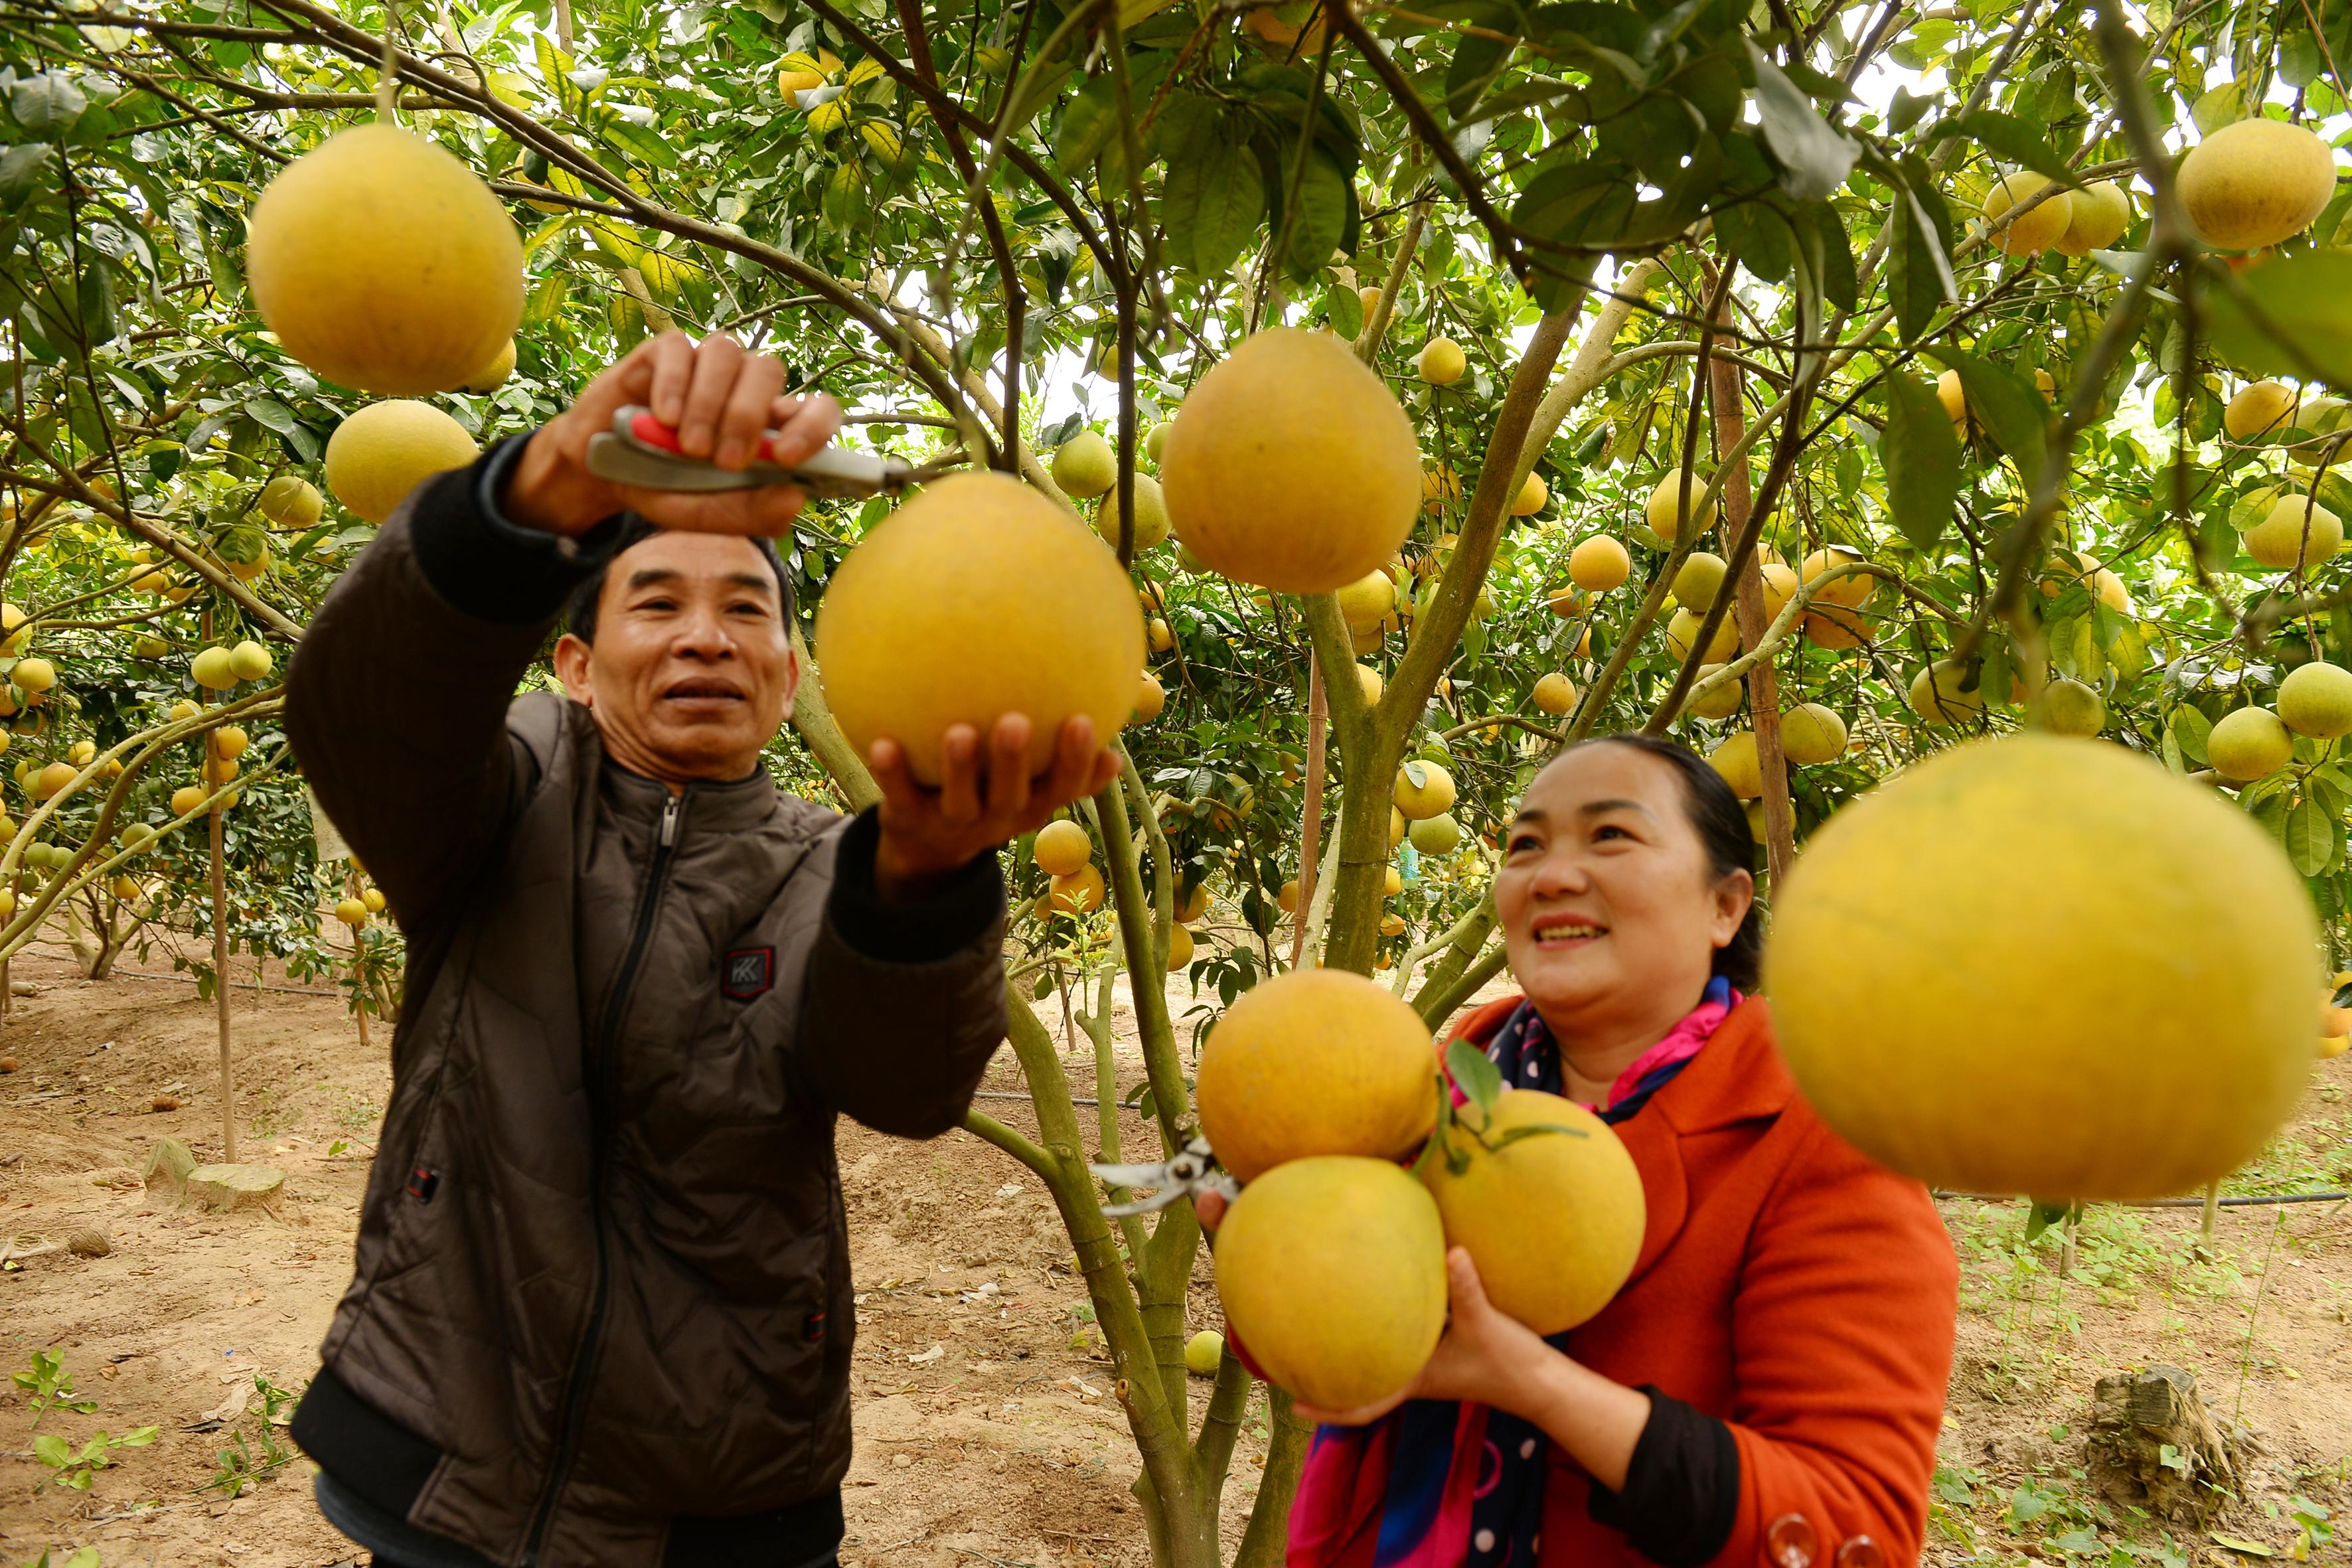 """quả bưởi """"đi Tây"""", nông sản xuất khẩu, Công ty Kim Hằng, Lục Ngạn, liên kết sản xuất, bưởi xuất khẩu"""